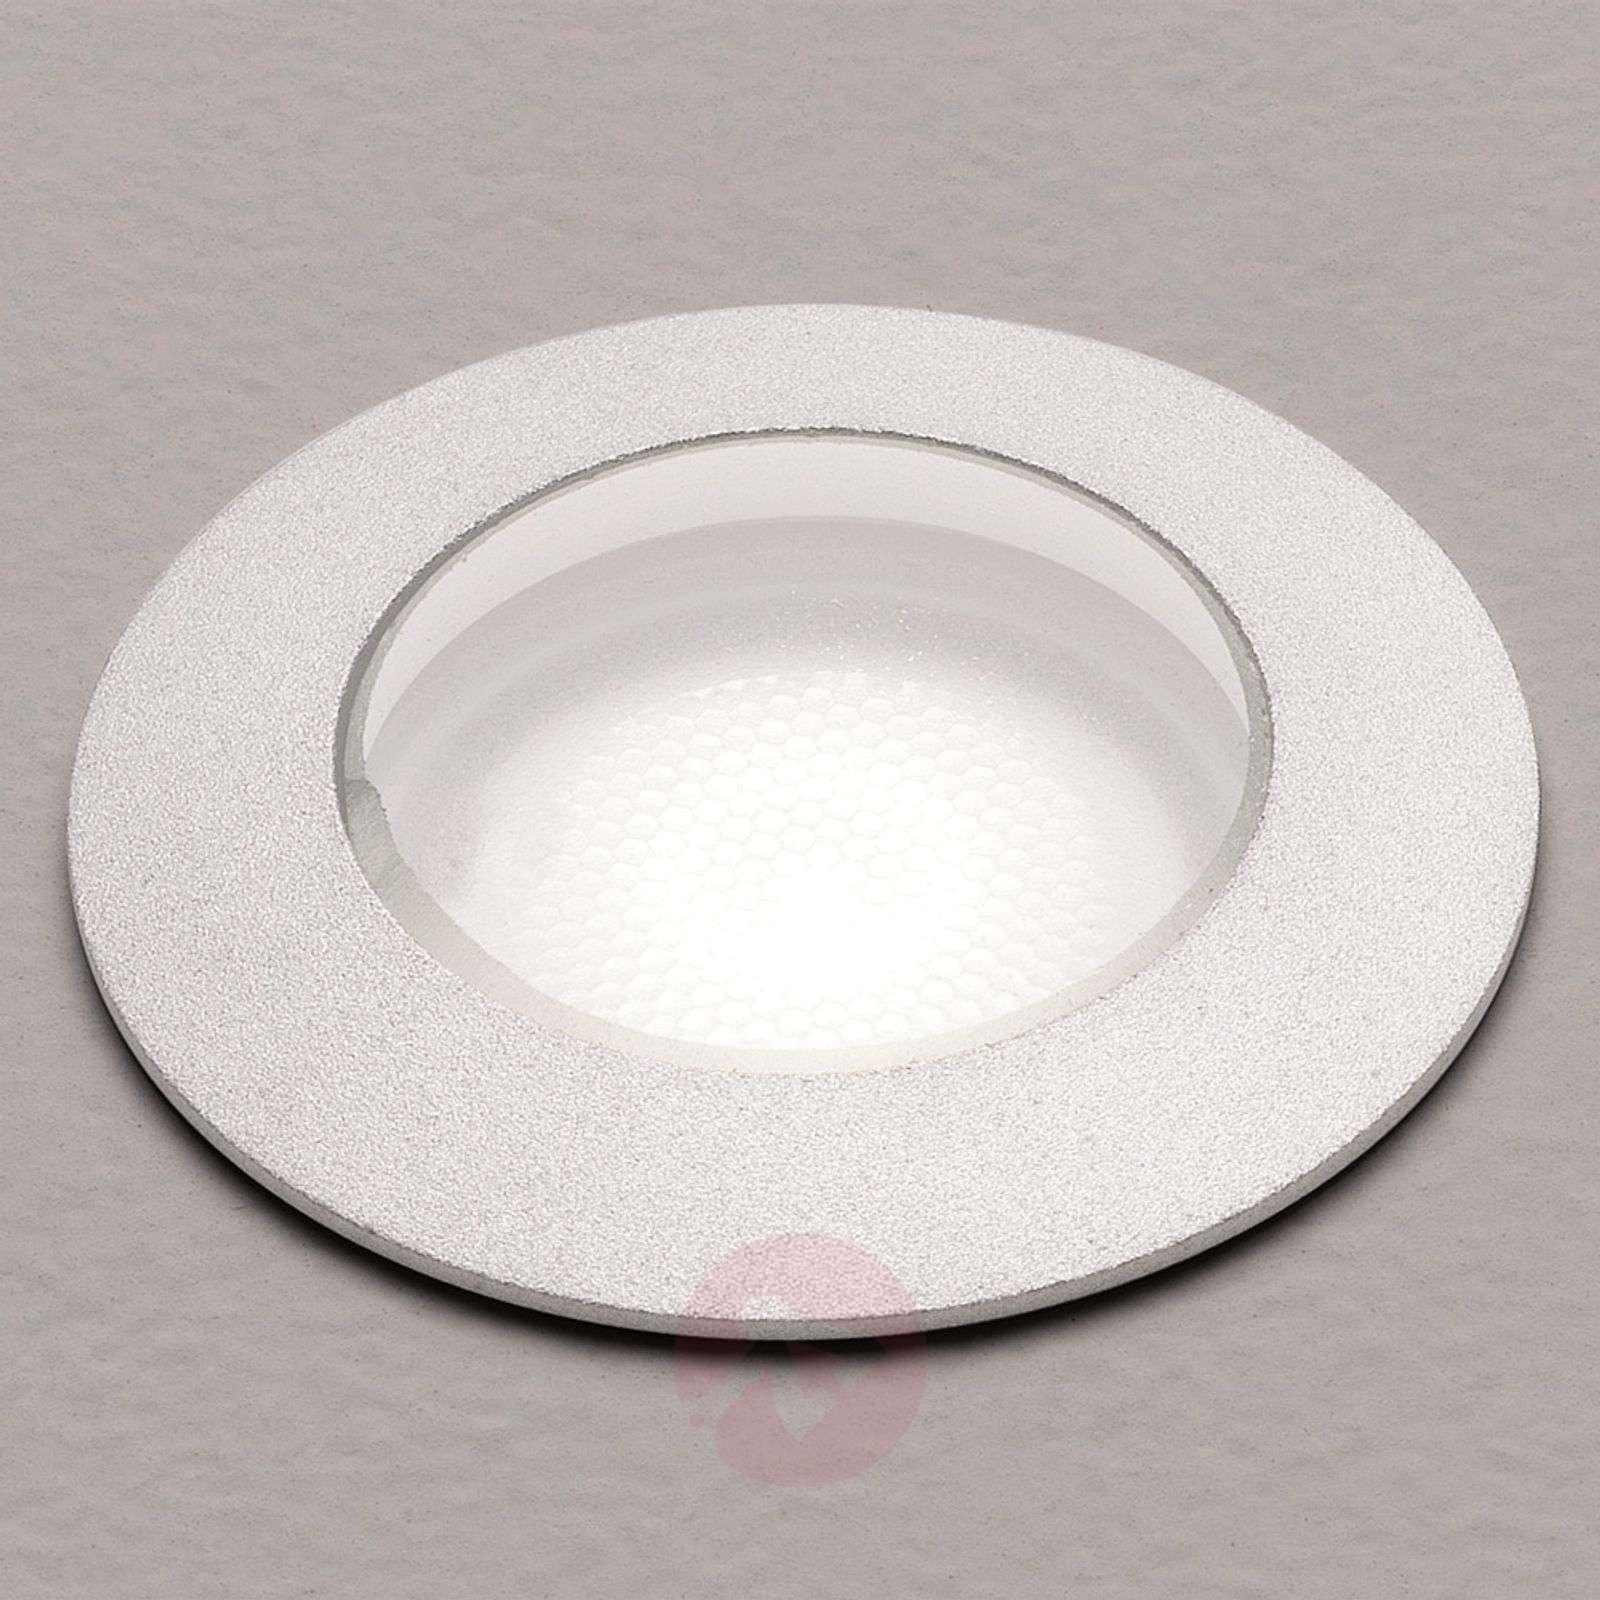 LED-uppovalaisin Terra 42 IP67 kylpyhuoneeseen-1020459-03